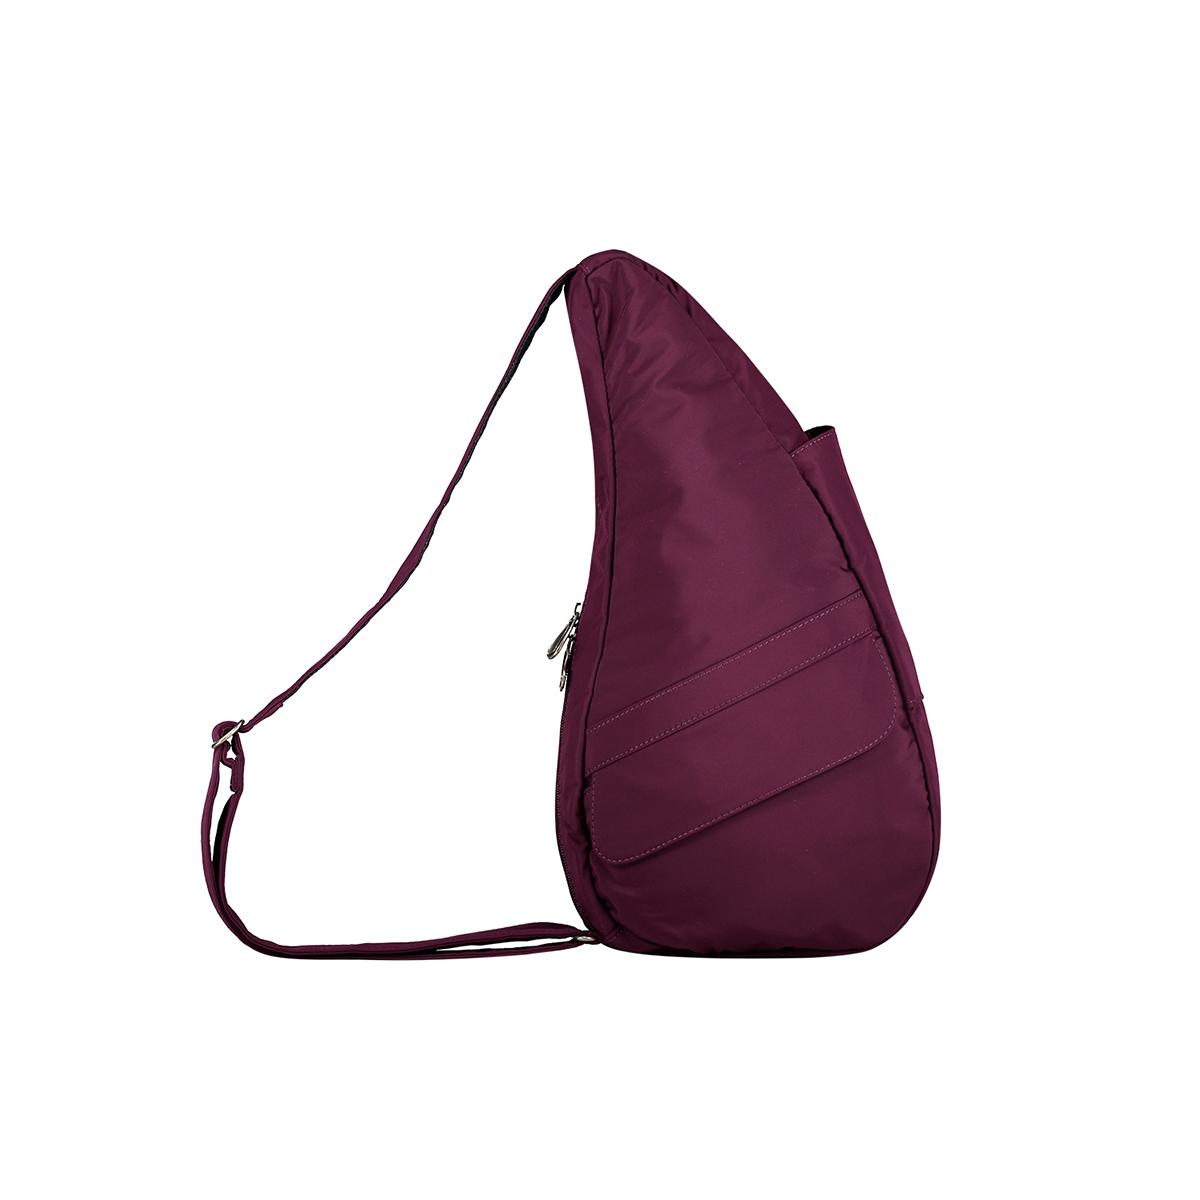 Healthy Back Bag/ヘルシーバックバッグ/ショルダーバッグ/ボディバッグ/旅行バッグ/軽量/レディース/メンズ 公式ストア ヘルシーバックバッグ マイクロファイバー Sサイズ ロイヤルパープル